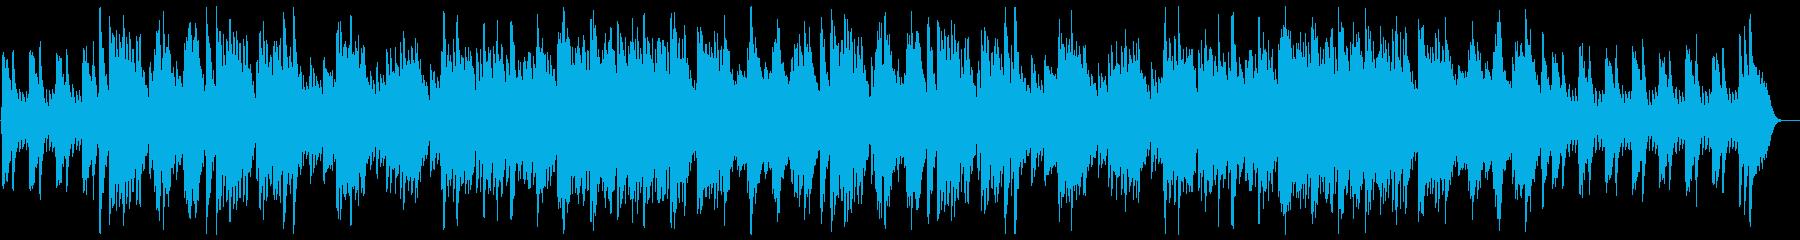 柔らかくあたたかいオルゴールバラードの再生済みの波形